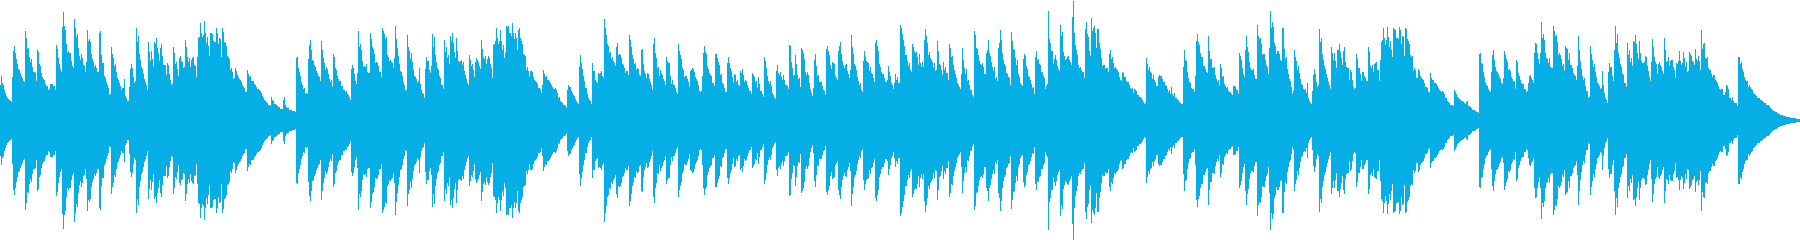 オルゴールの曲や、子供向けの番組などに…の再生済みの波形